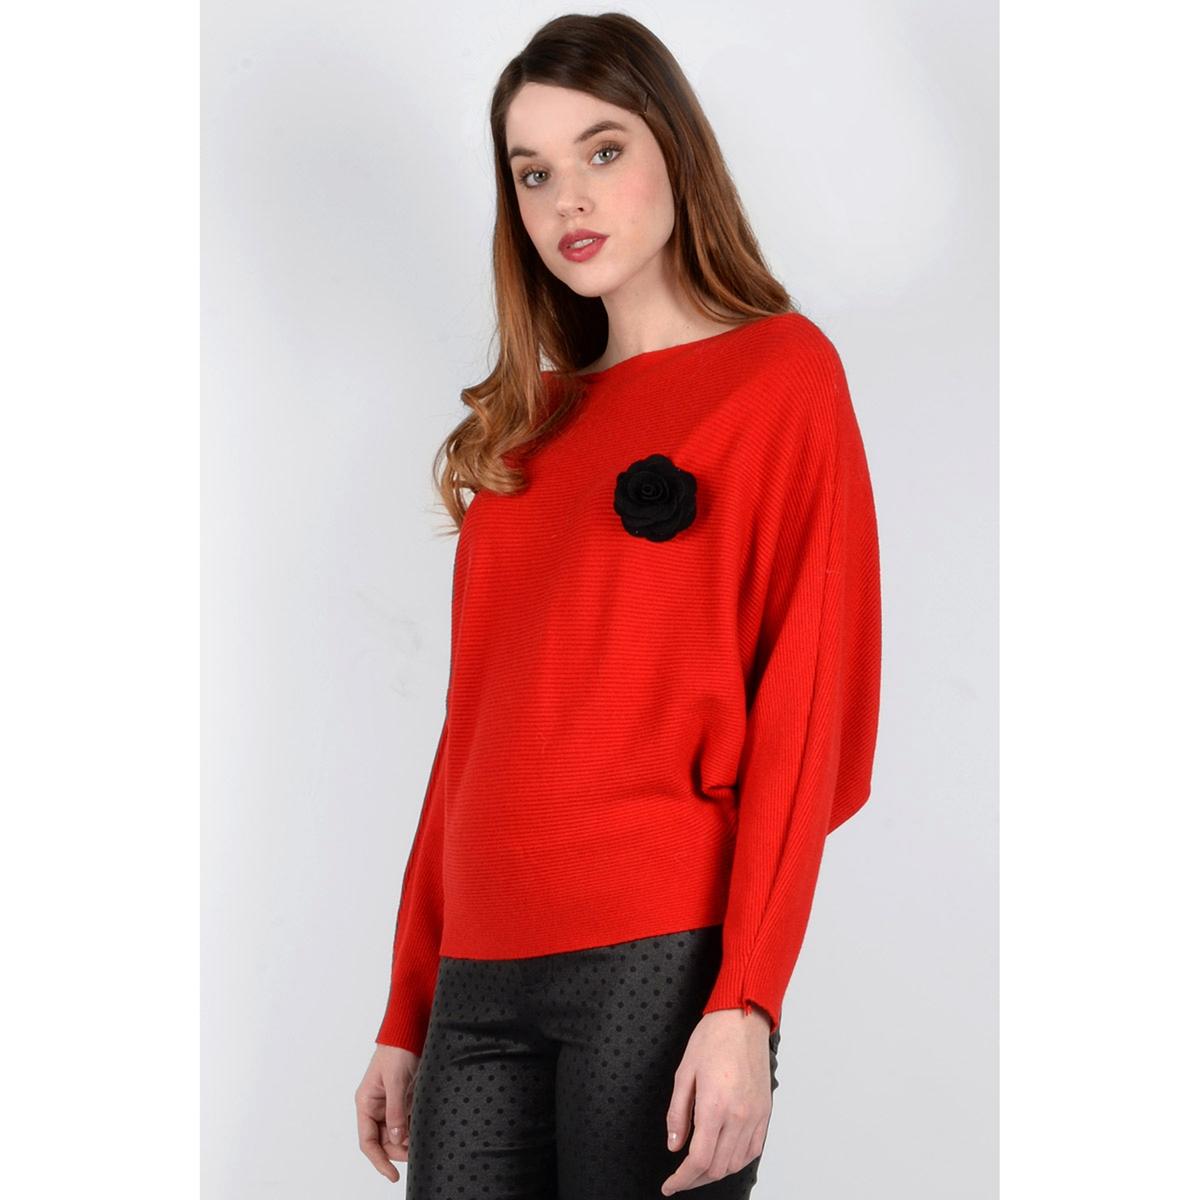 Пуловер с круглым вырезом из тонкого трикотажаДетали •  Длинные рукава •  Круглый вырез •  Тонкий трикотаж  •  Рисунок спередиСостав и уход •  35% хлопка, 65% полиэстера    •  Следуйте советам по уходу, указанным на этикетке<br><br>Цвет: красный